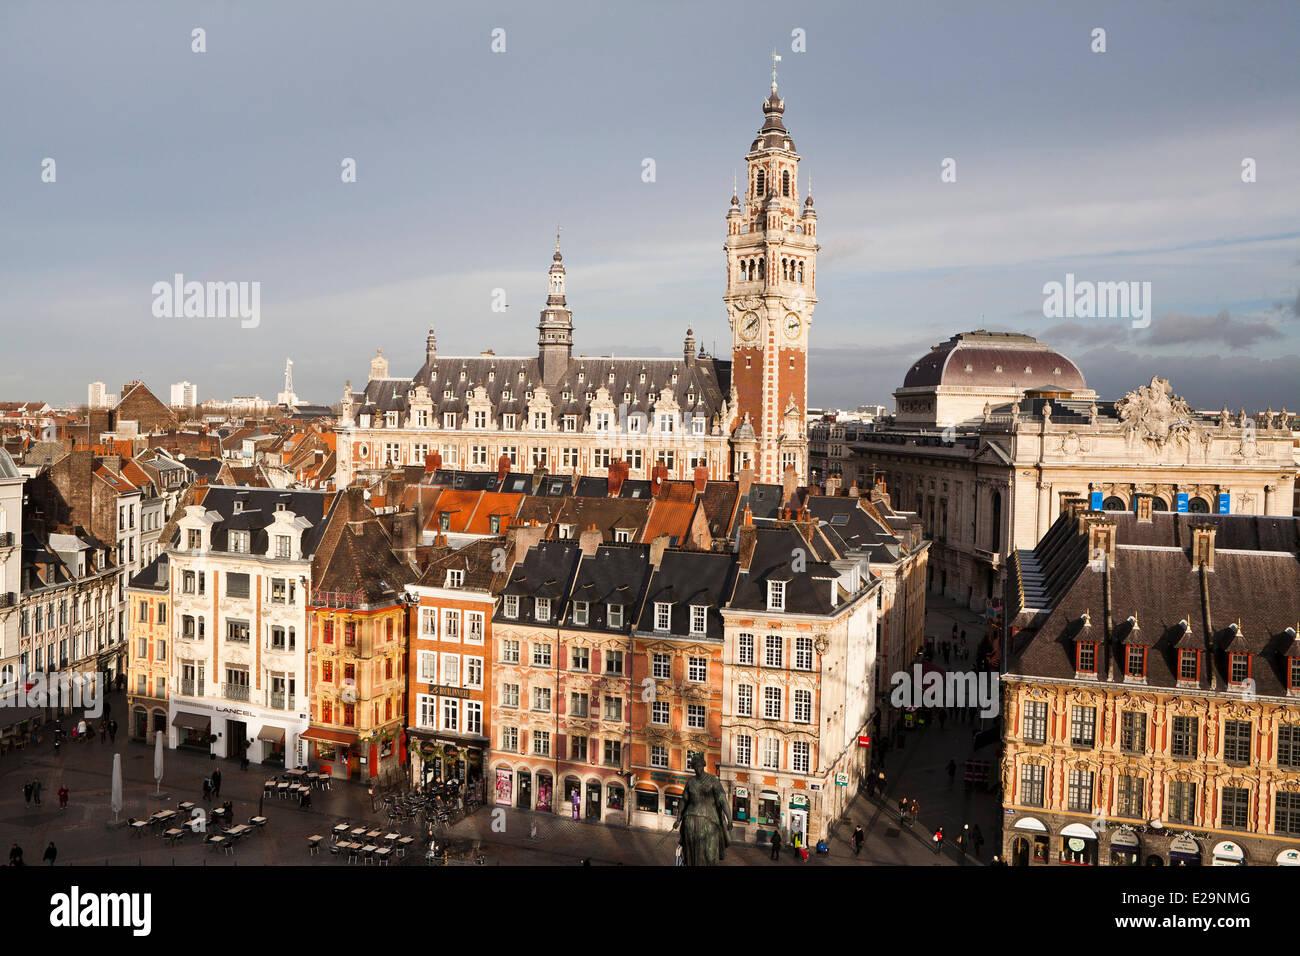 Francia, Nord, Lille, Place du Général de Gaulle (el General De Gaulle square) o la Grand Place, con el Imagen De Stock